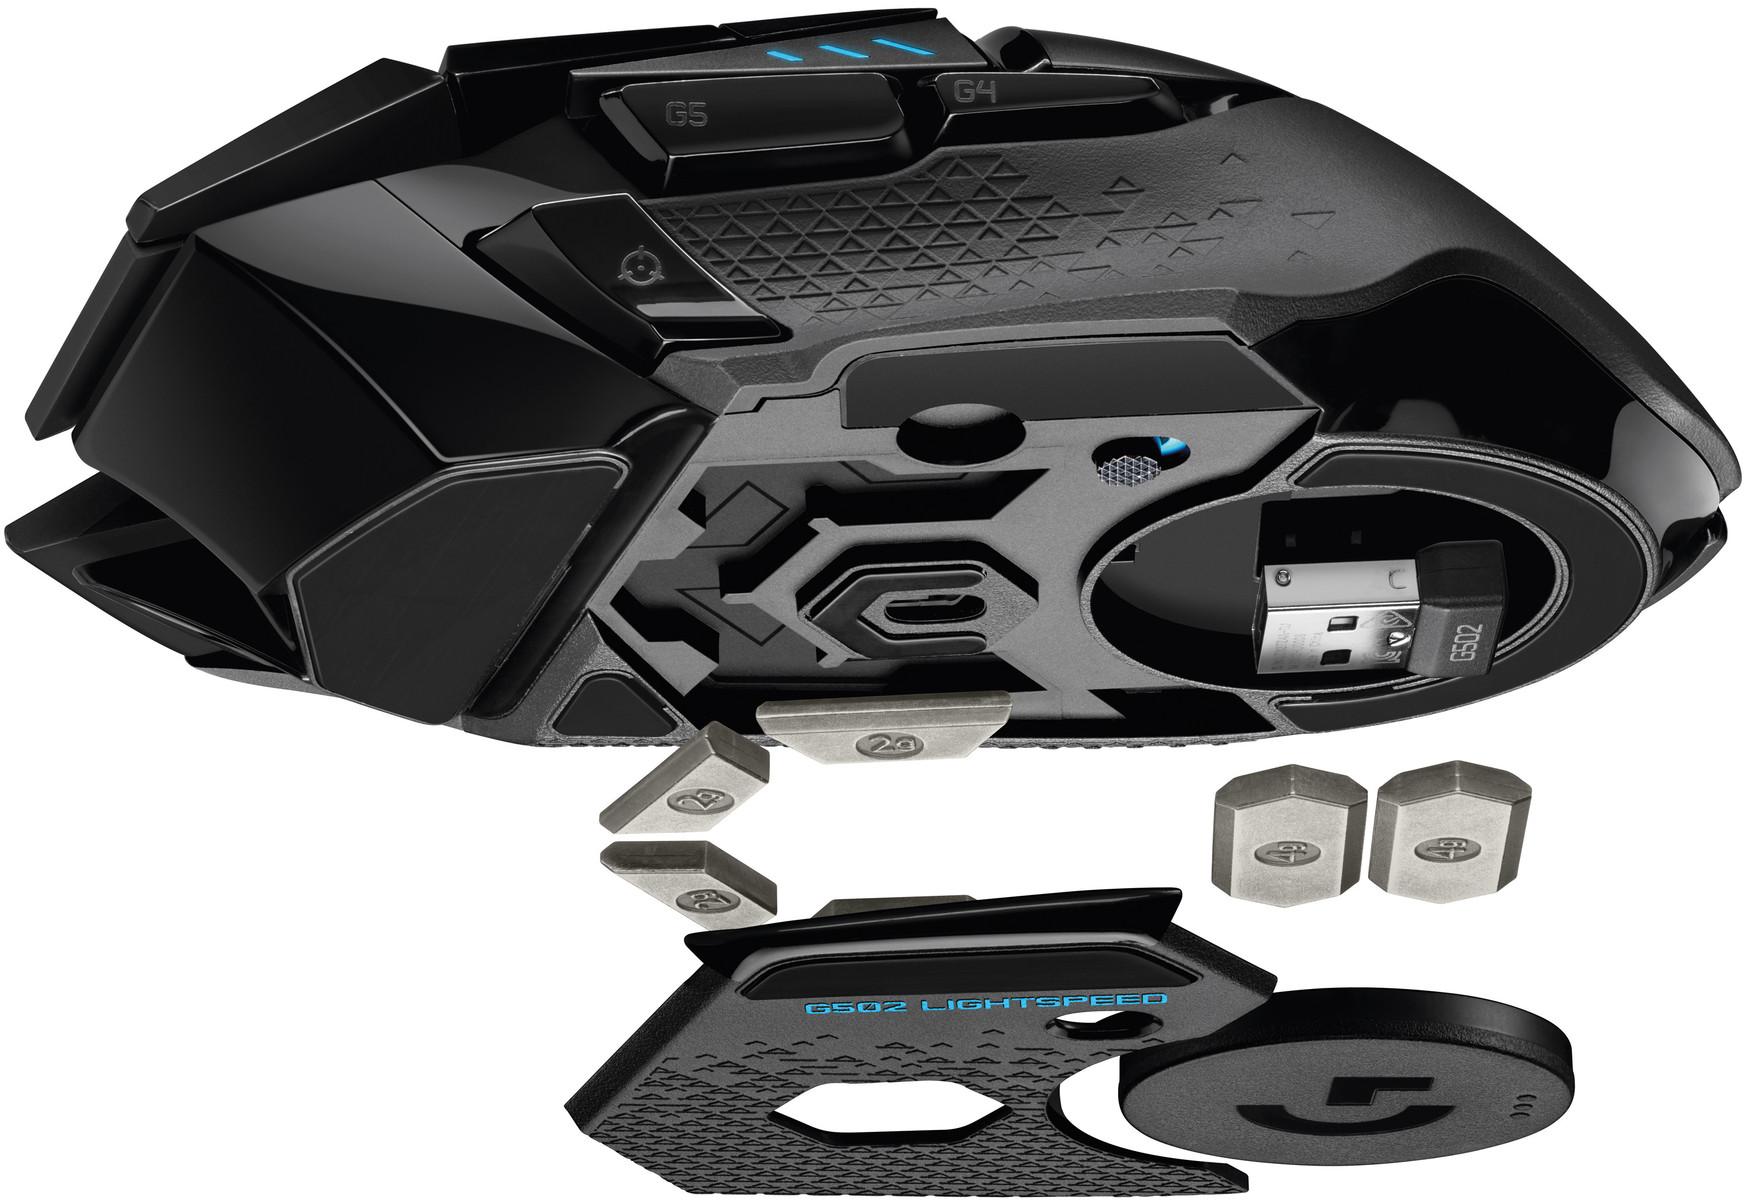 Image 4 : Logitech  lance sa souris G502 en version sans fil, avec charge à induction